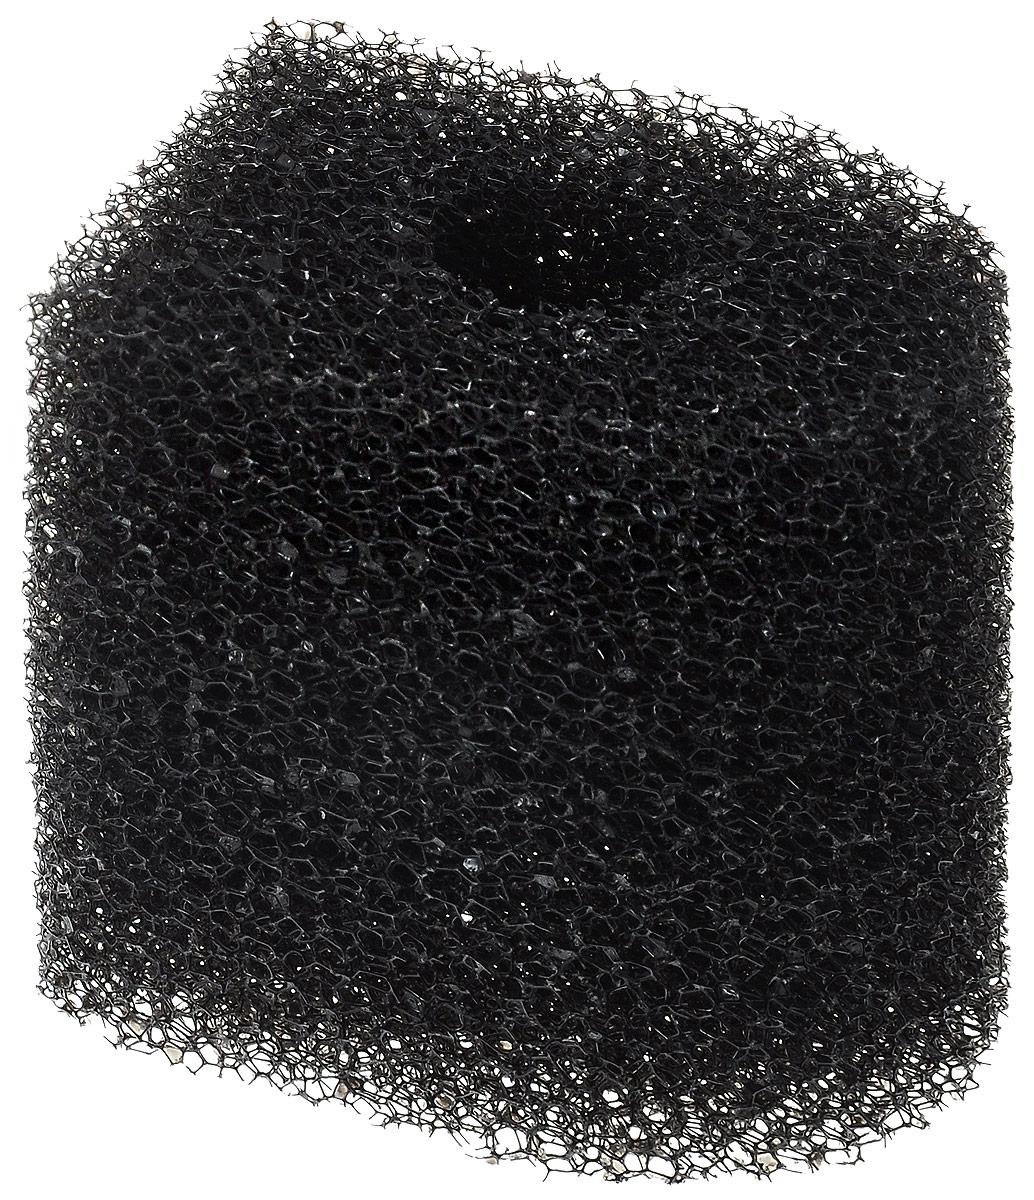 Губка Barbus для фильтра WP-5002 F, сменная, 7 х 6 х 7,5 смSponge 5002Сменная губка Barbus предназначена для фильтра WP-5002 F и состоит из высокопористого материала для эффективной очистки воды в аквариуме. Губка для фильтра является основным сменным элементом, влияющем на обеспечение нормальных условий для жизни рыб.Губка отлично подходит для размножения полезных бактерий, поэтому осуществляет как механическую, так и биологическую очистку.